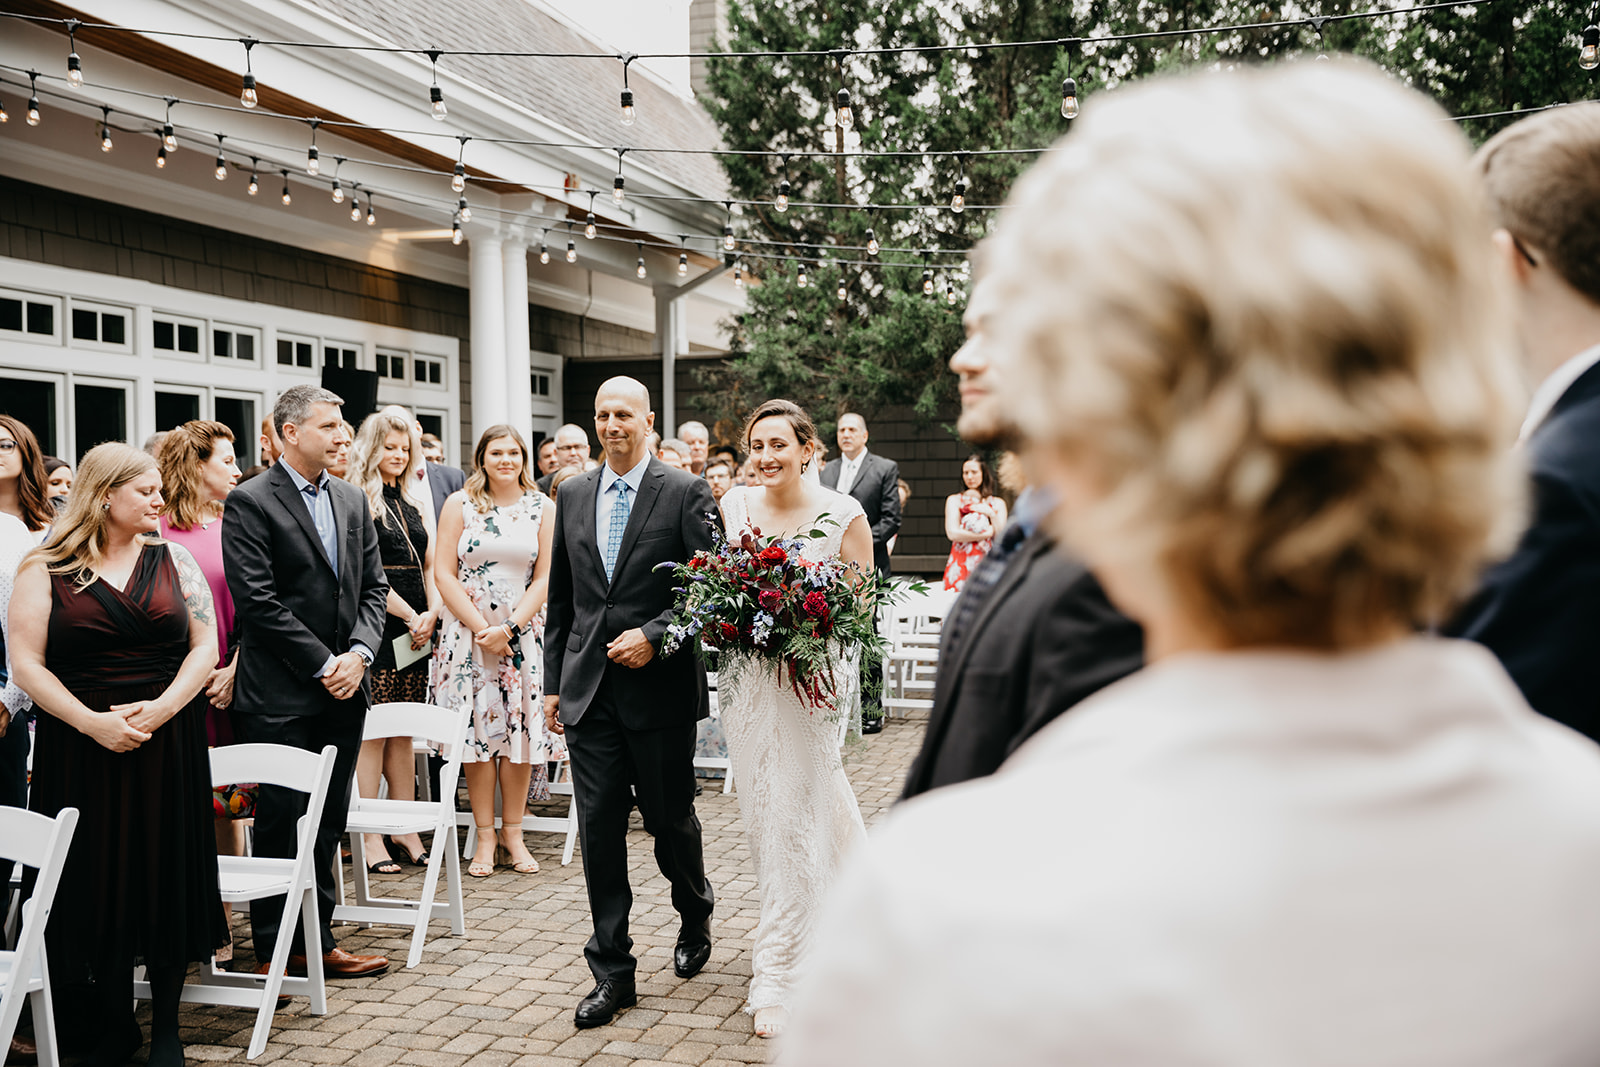 2019-06-01-00-Lindsey+Mat-06_Ceremony-meandhimphoto-0032-T5D18402.jpg